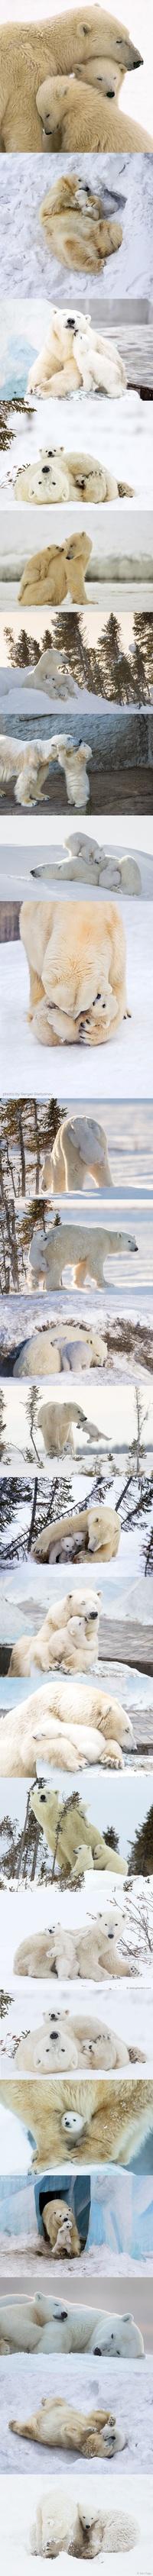 Maman ours polaire et ses petits